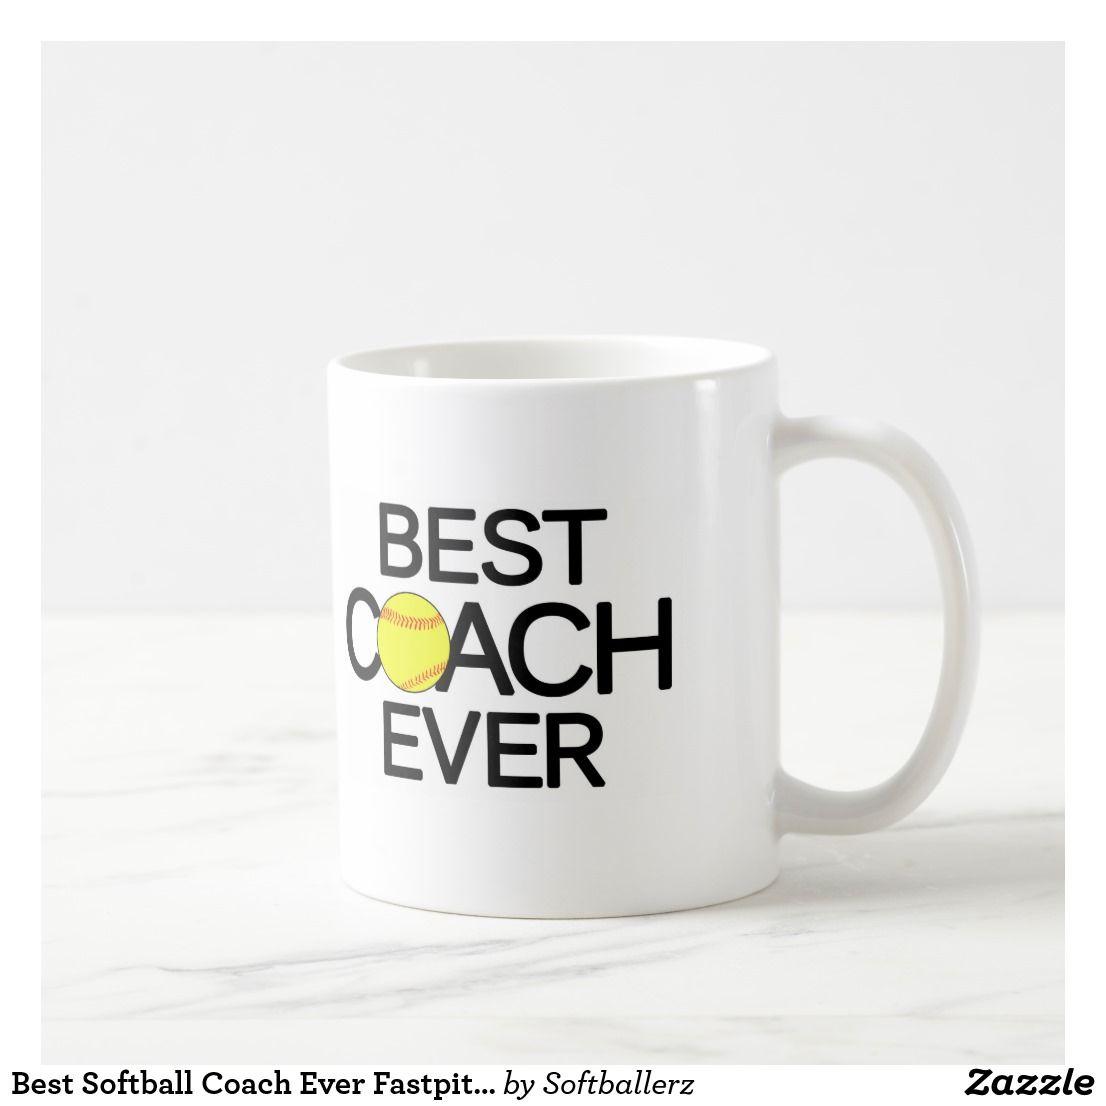 Best Softball Coach Ever Fastpitch Softball Mug Zazzle Com Softball Coach Mugs Fastpitch Softball